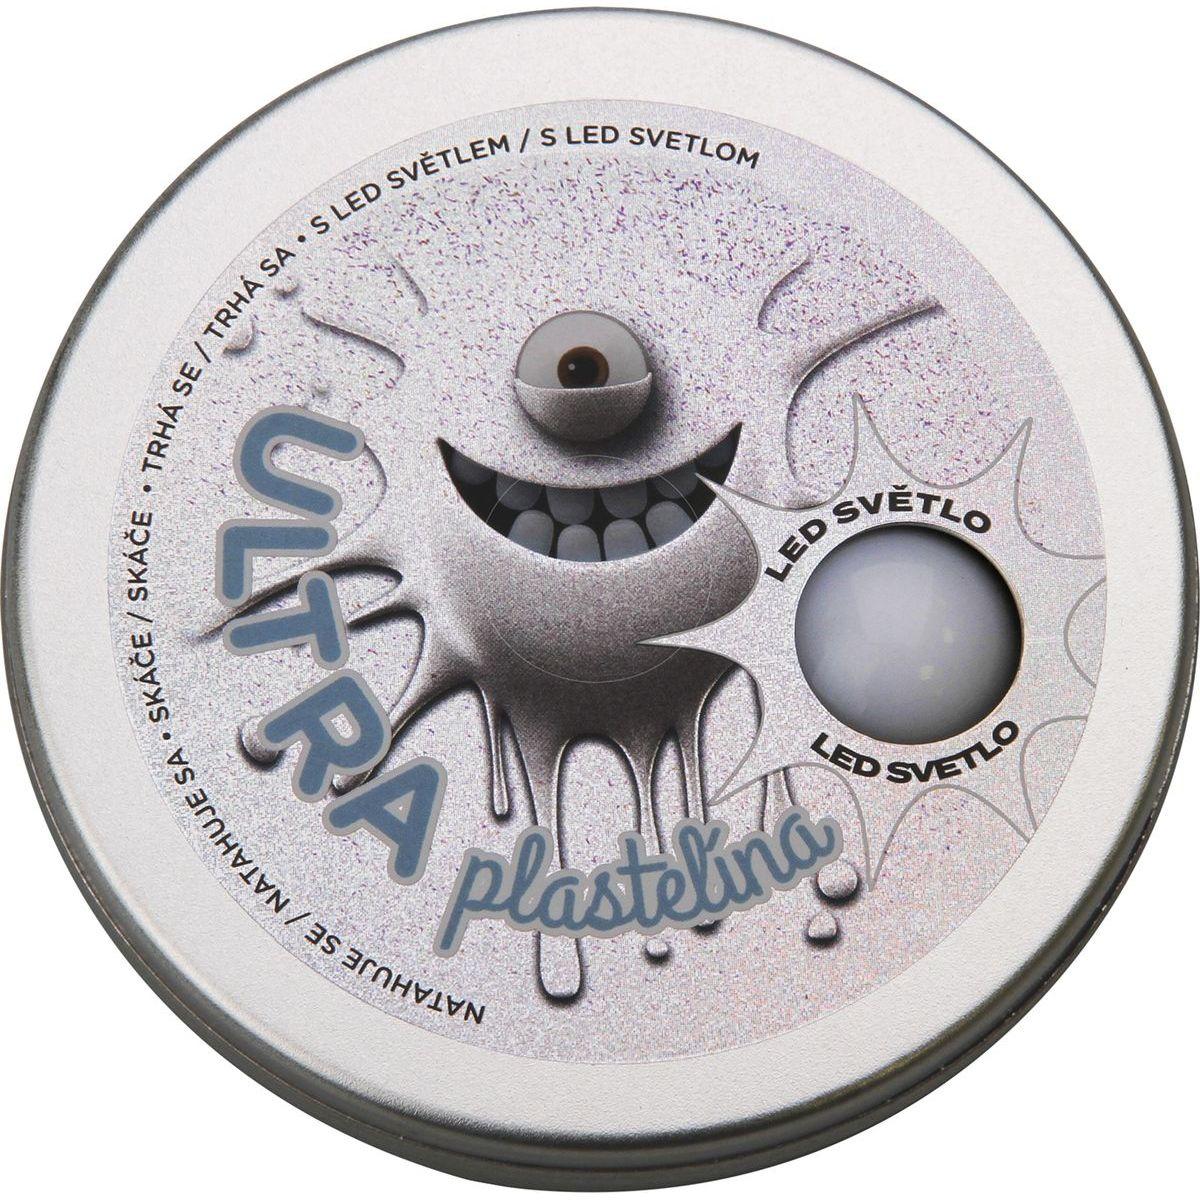 Ultra Plastelína 80g s led svetlom šedá